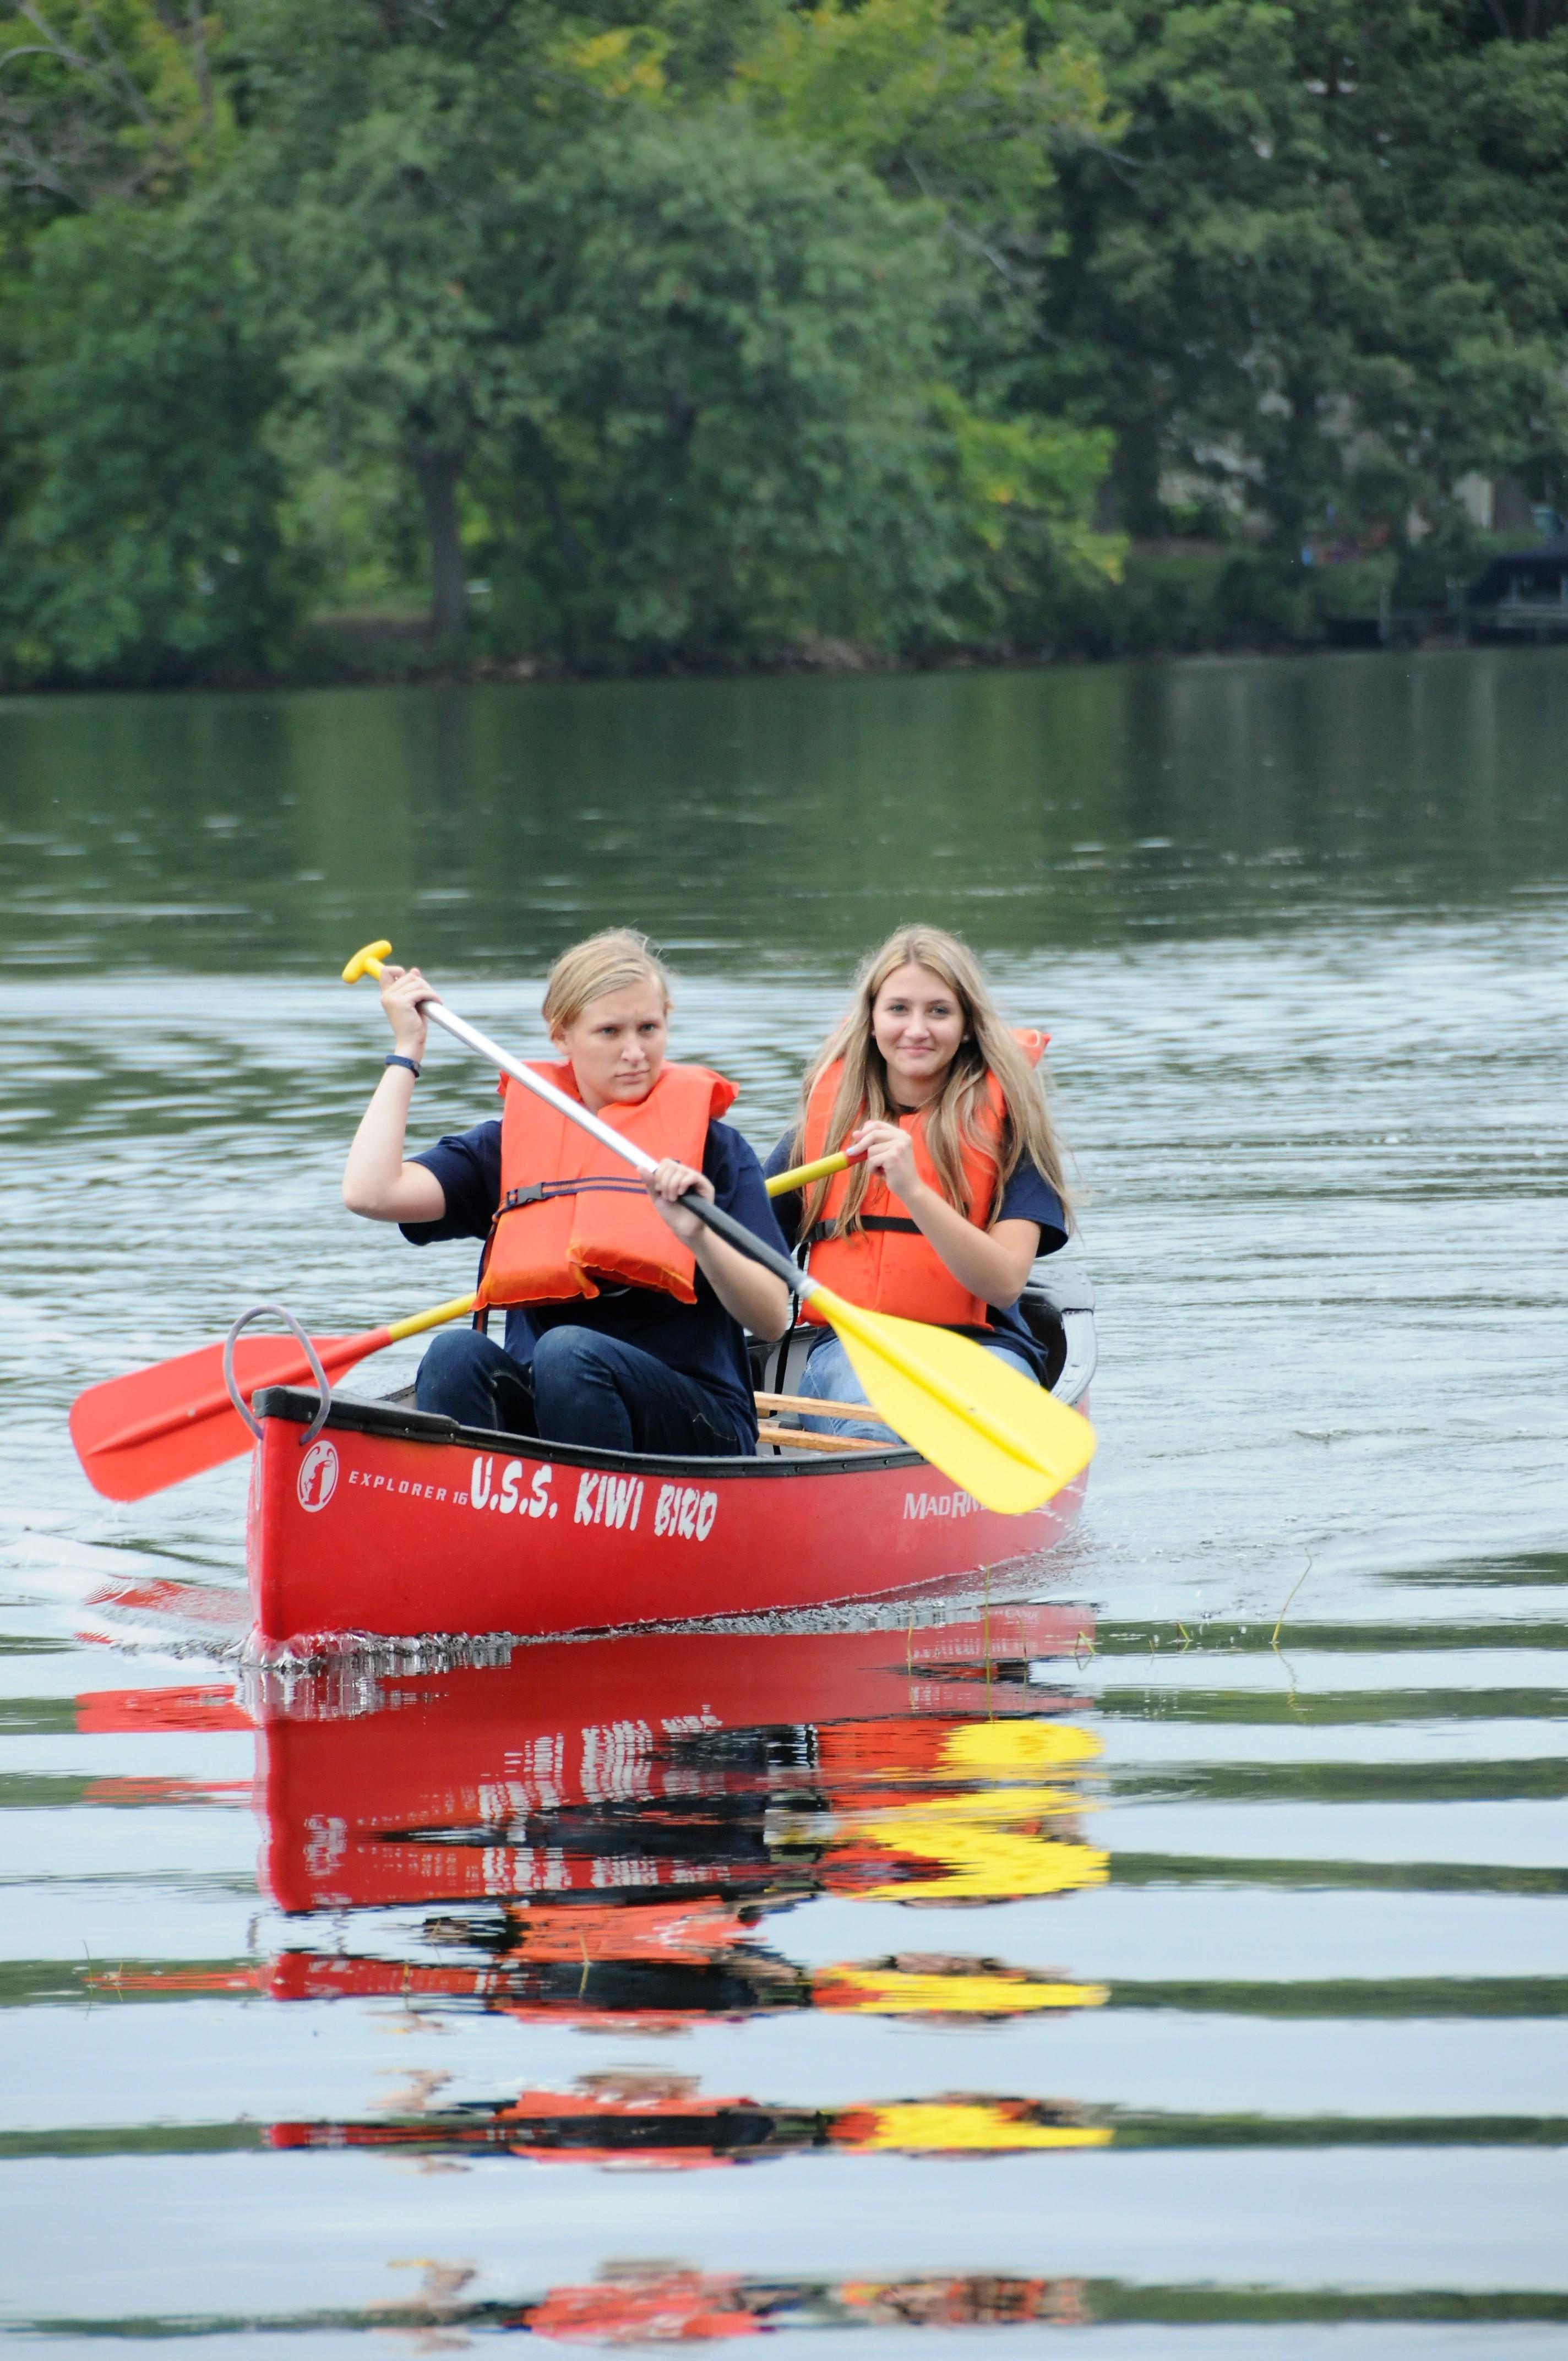 RLHS Canoe - Schmierer and Ready